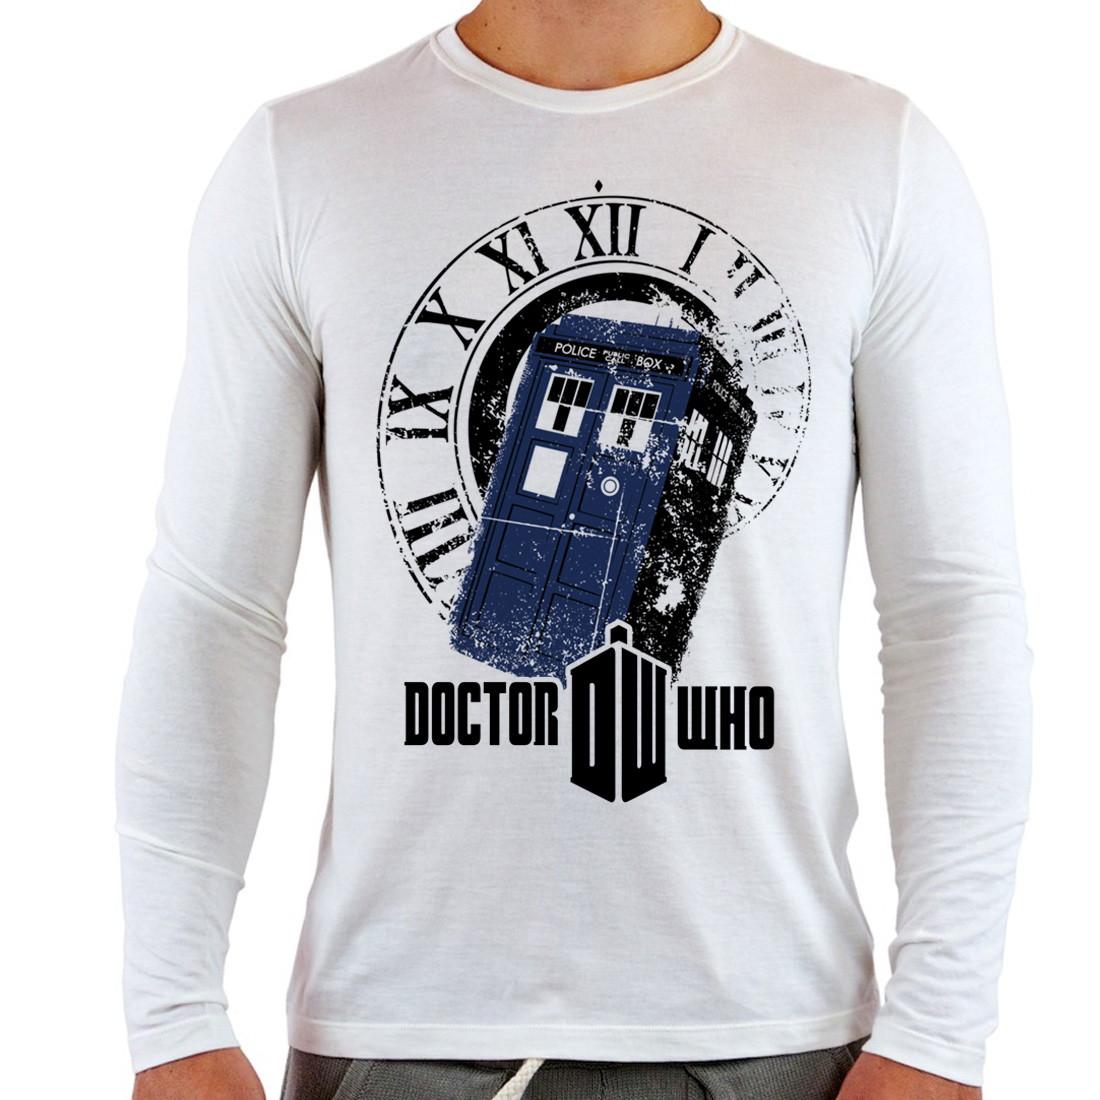 e4faab300 Camiseta Doctor Who Police Box Série no Elo7